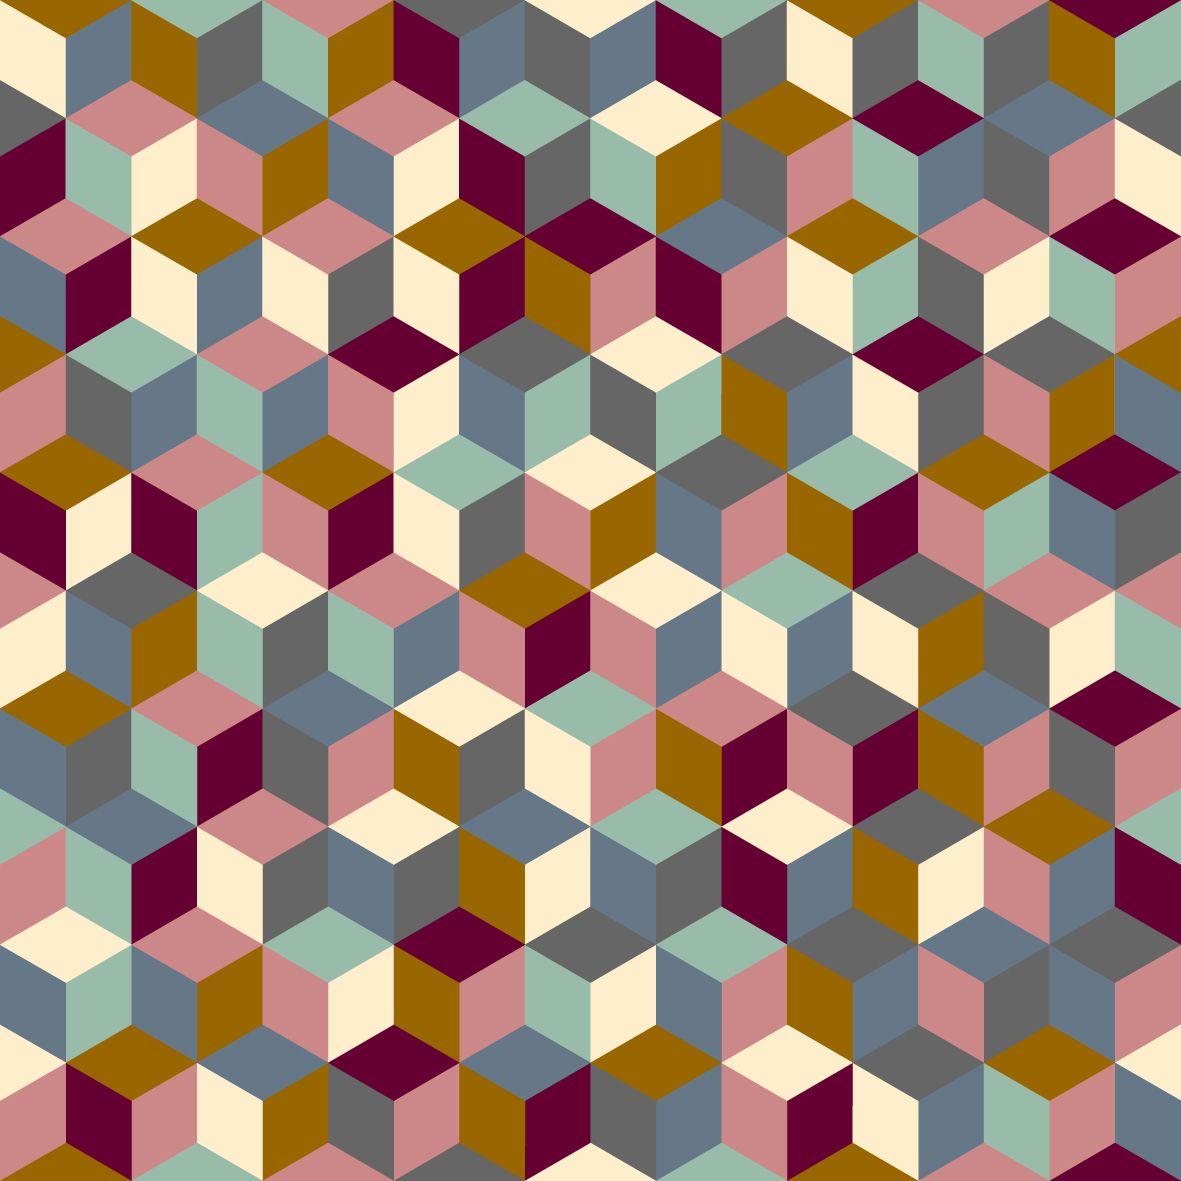 Pingl par roxa2ne a sur motifs pinterest motif - Les couleurs de tissus ...